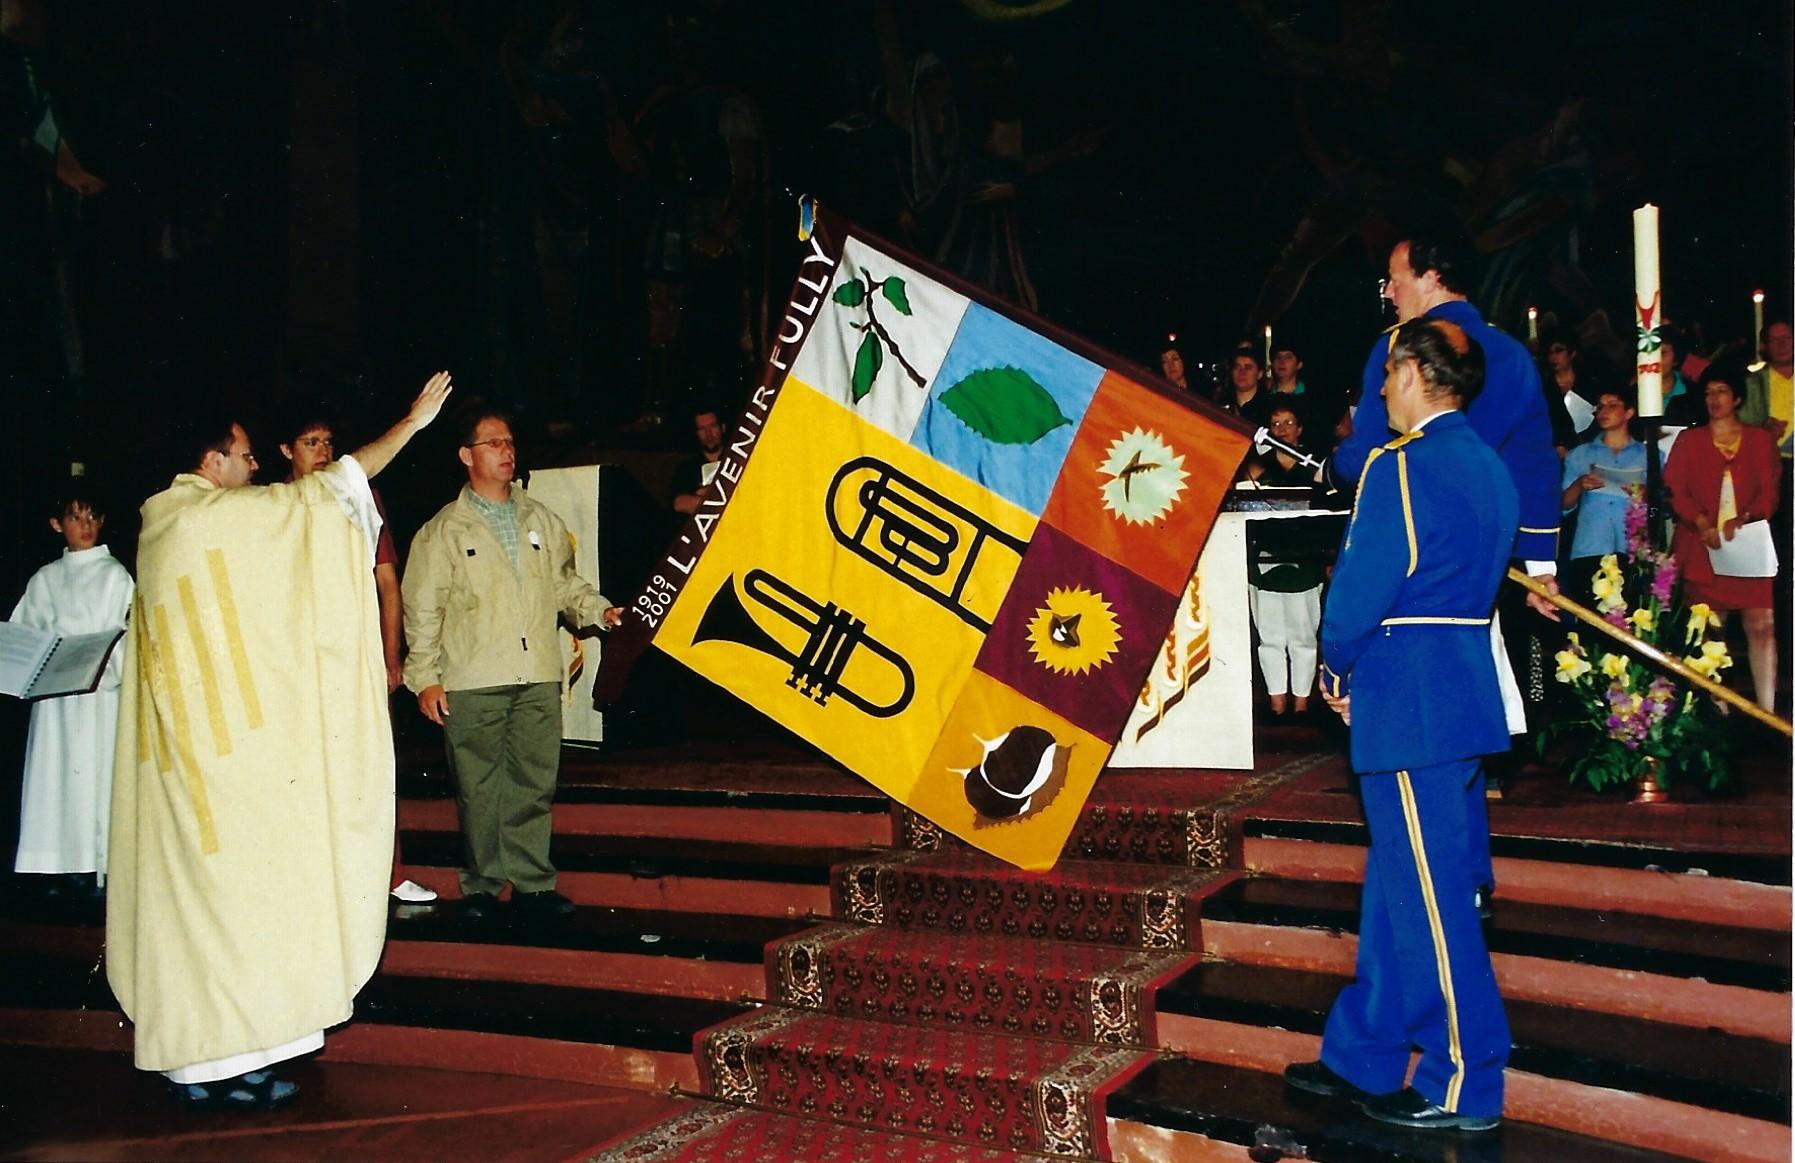 Bénédiction de la nouvelle bannière en 2001